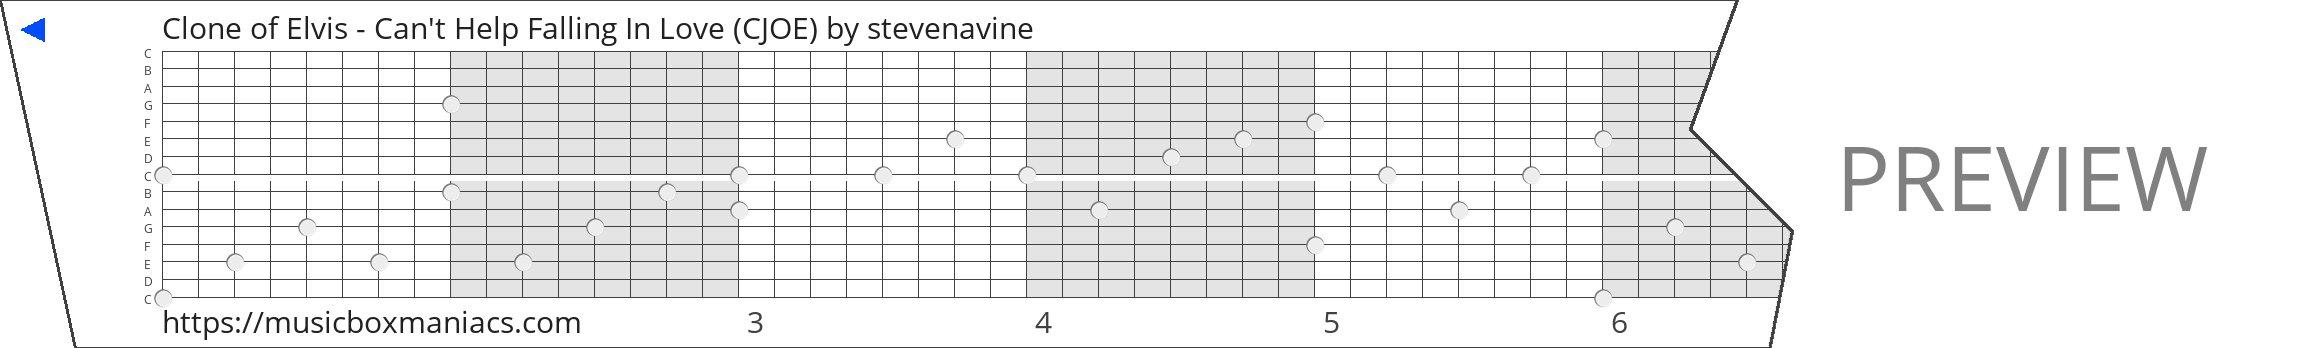 Clone of Elvis - Can't Help Falling In Love (CJOE) 15 note music box paper strip